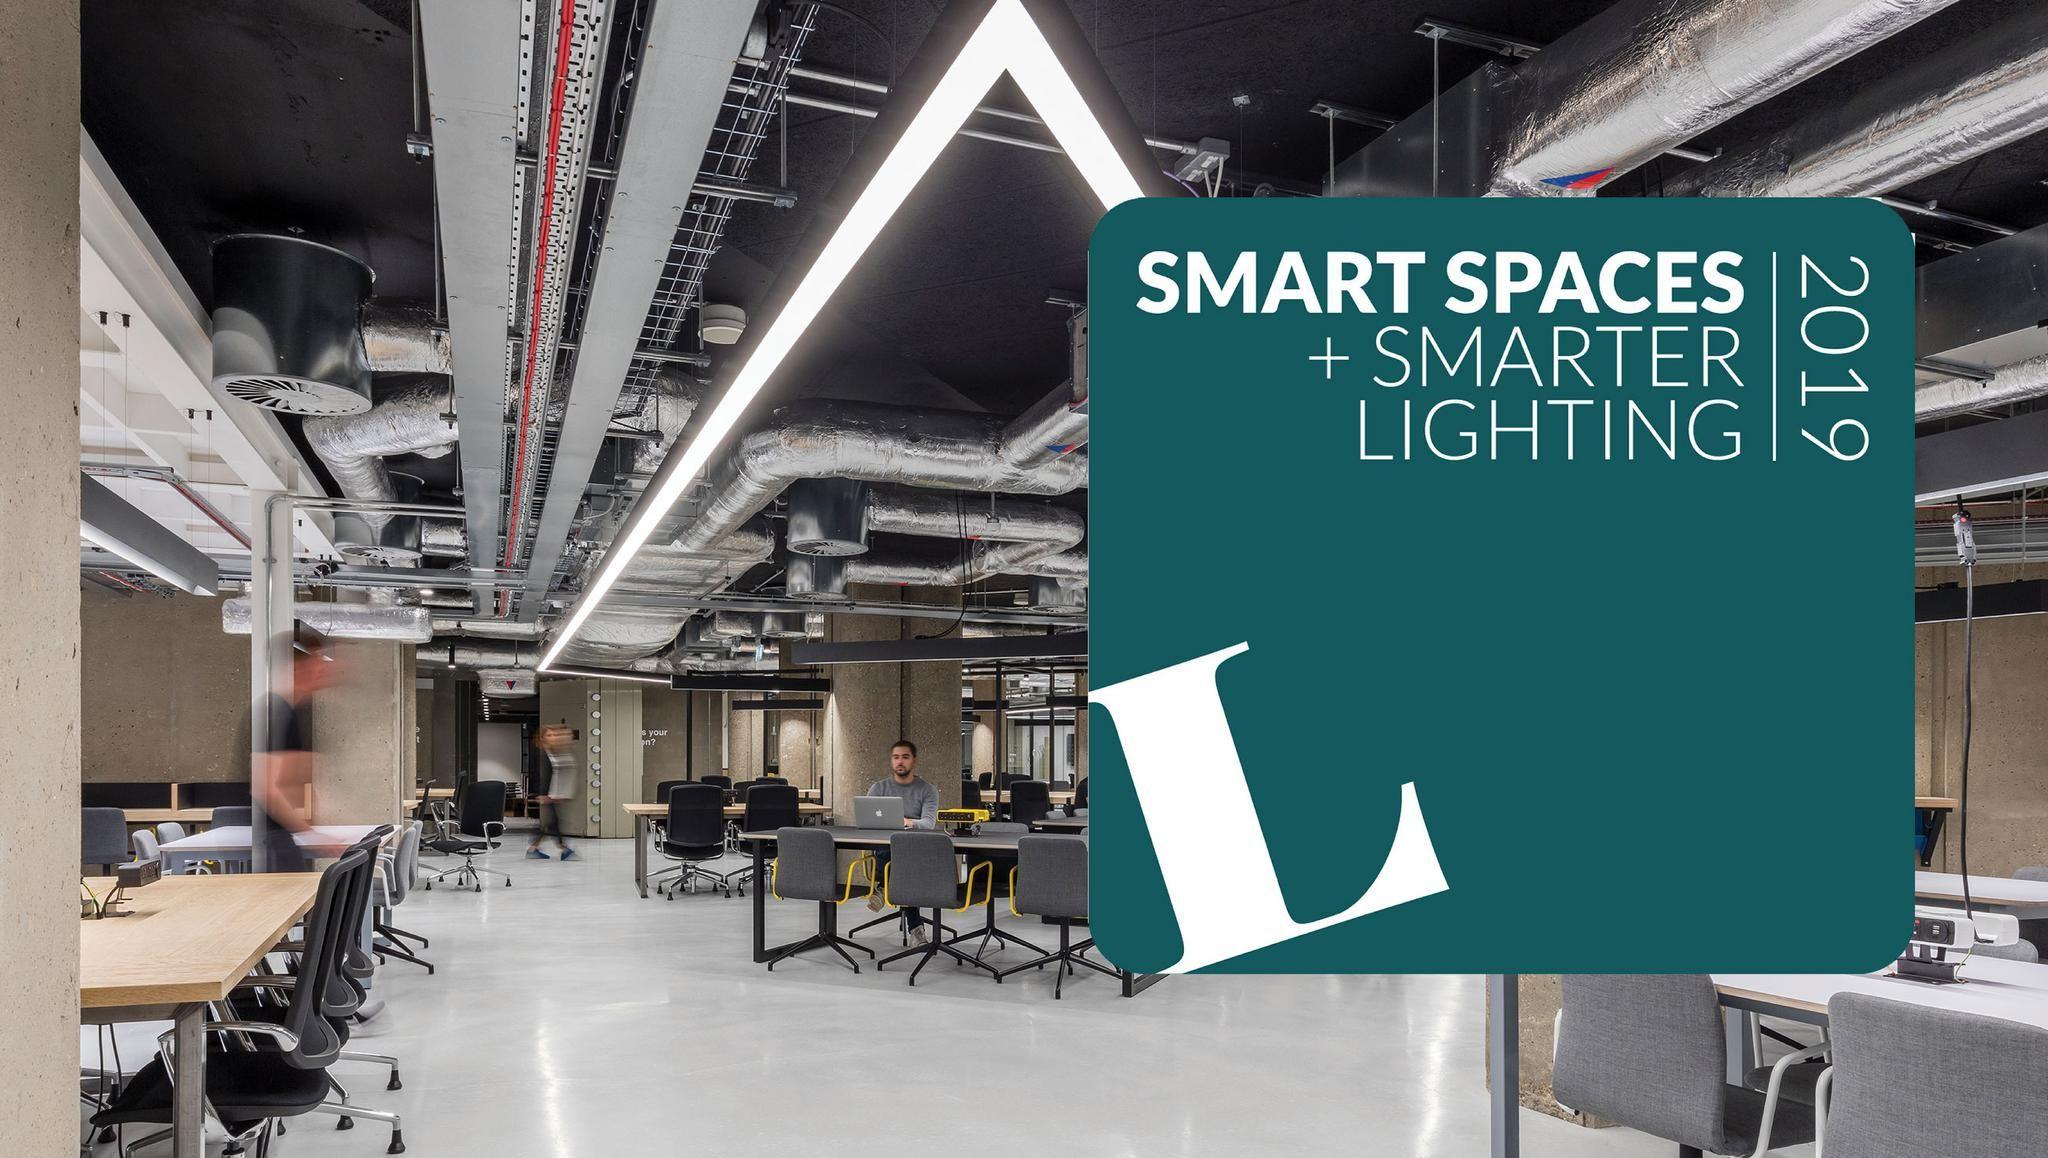 Smart Spaces + Smarter Lighting